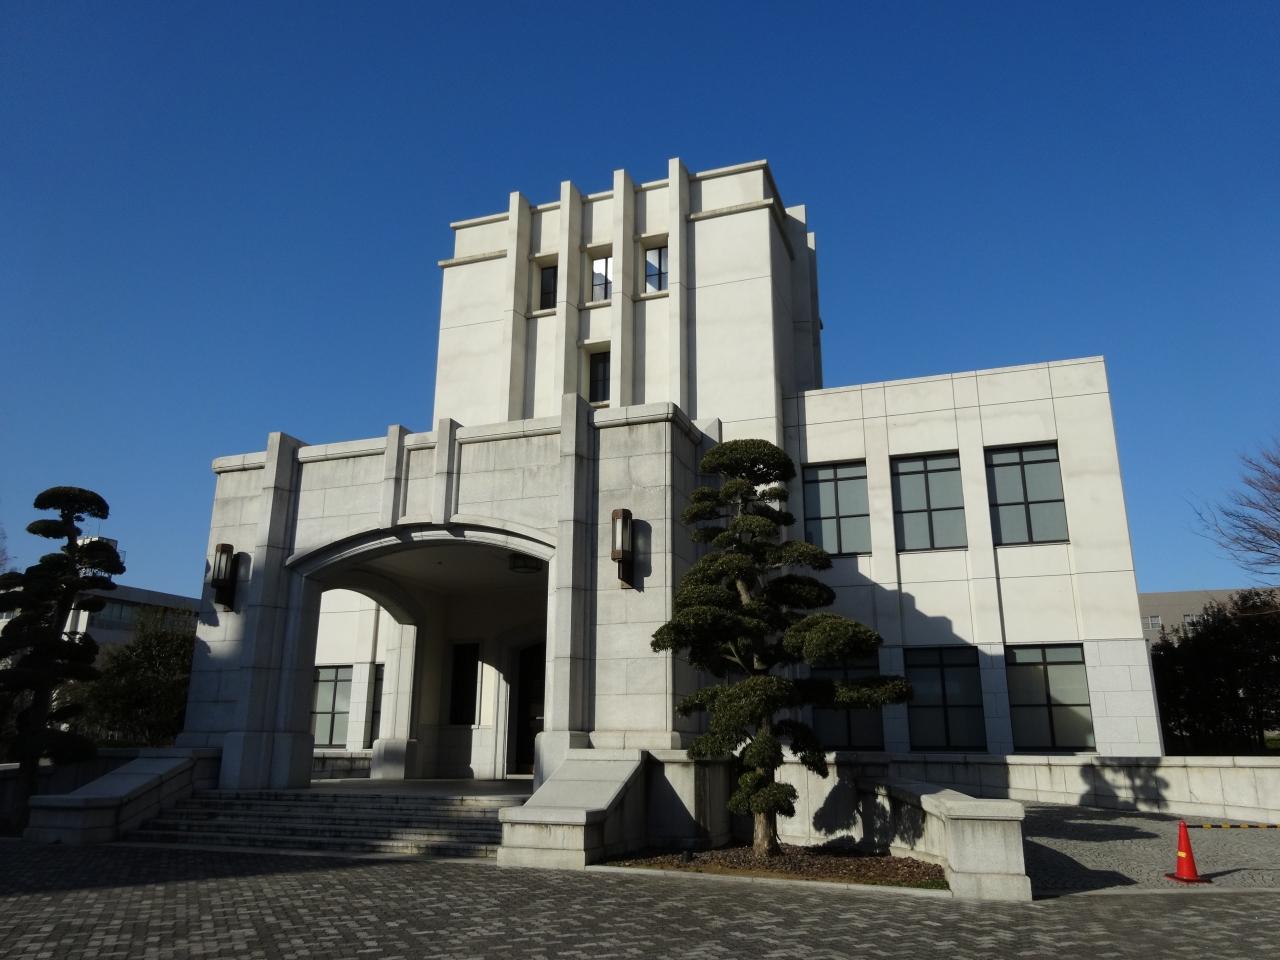 市ヶ谷の防衛省を見学しました。